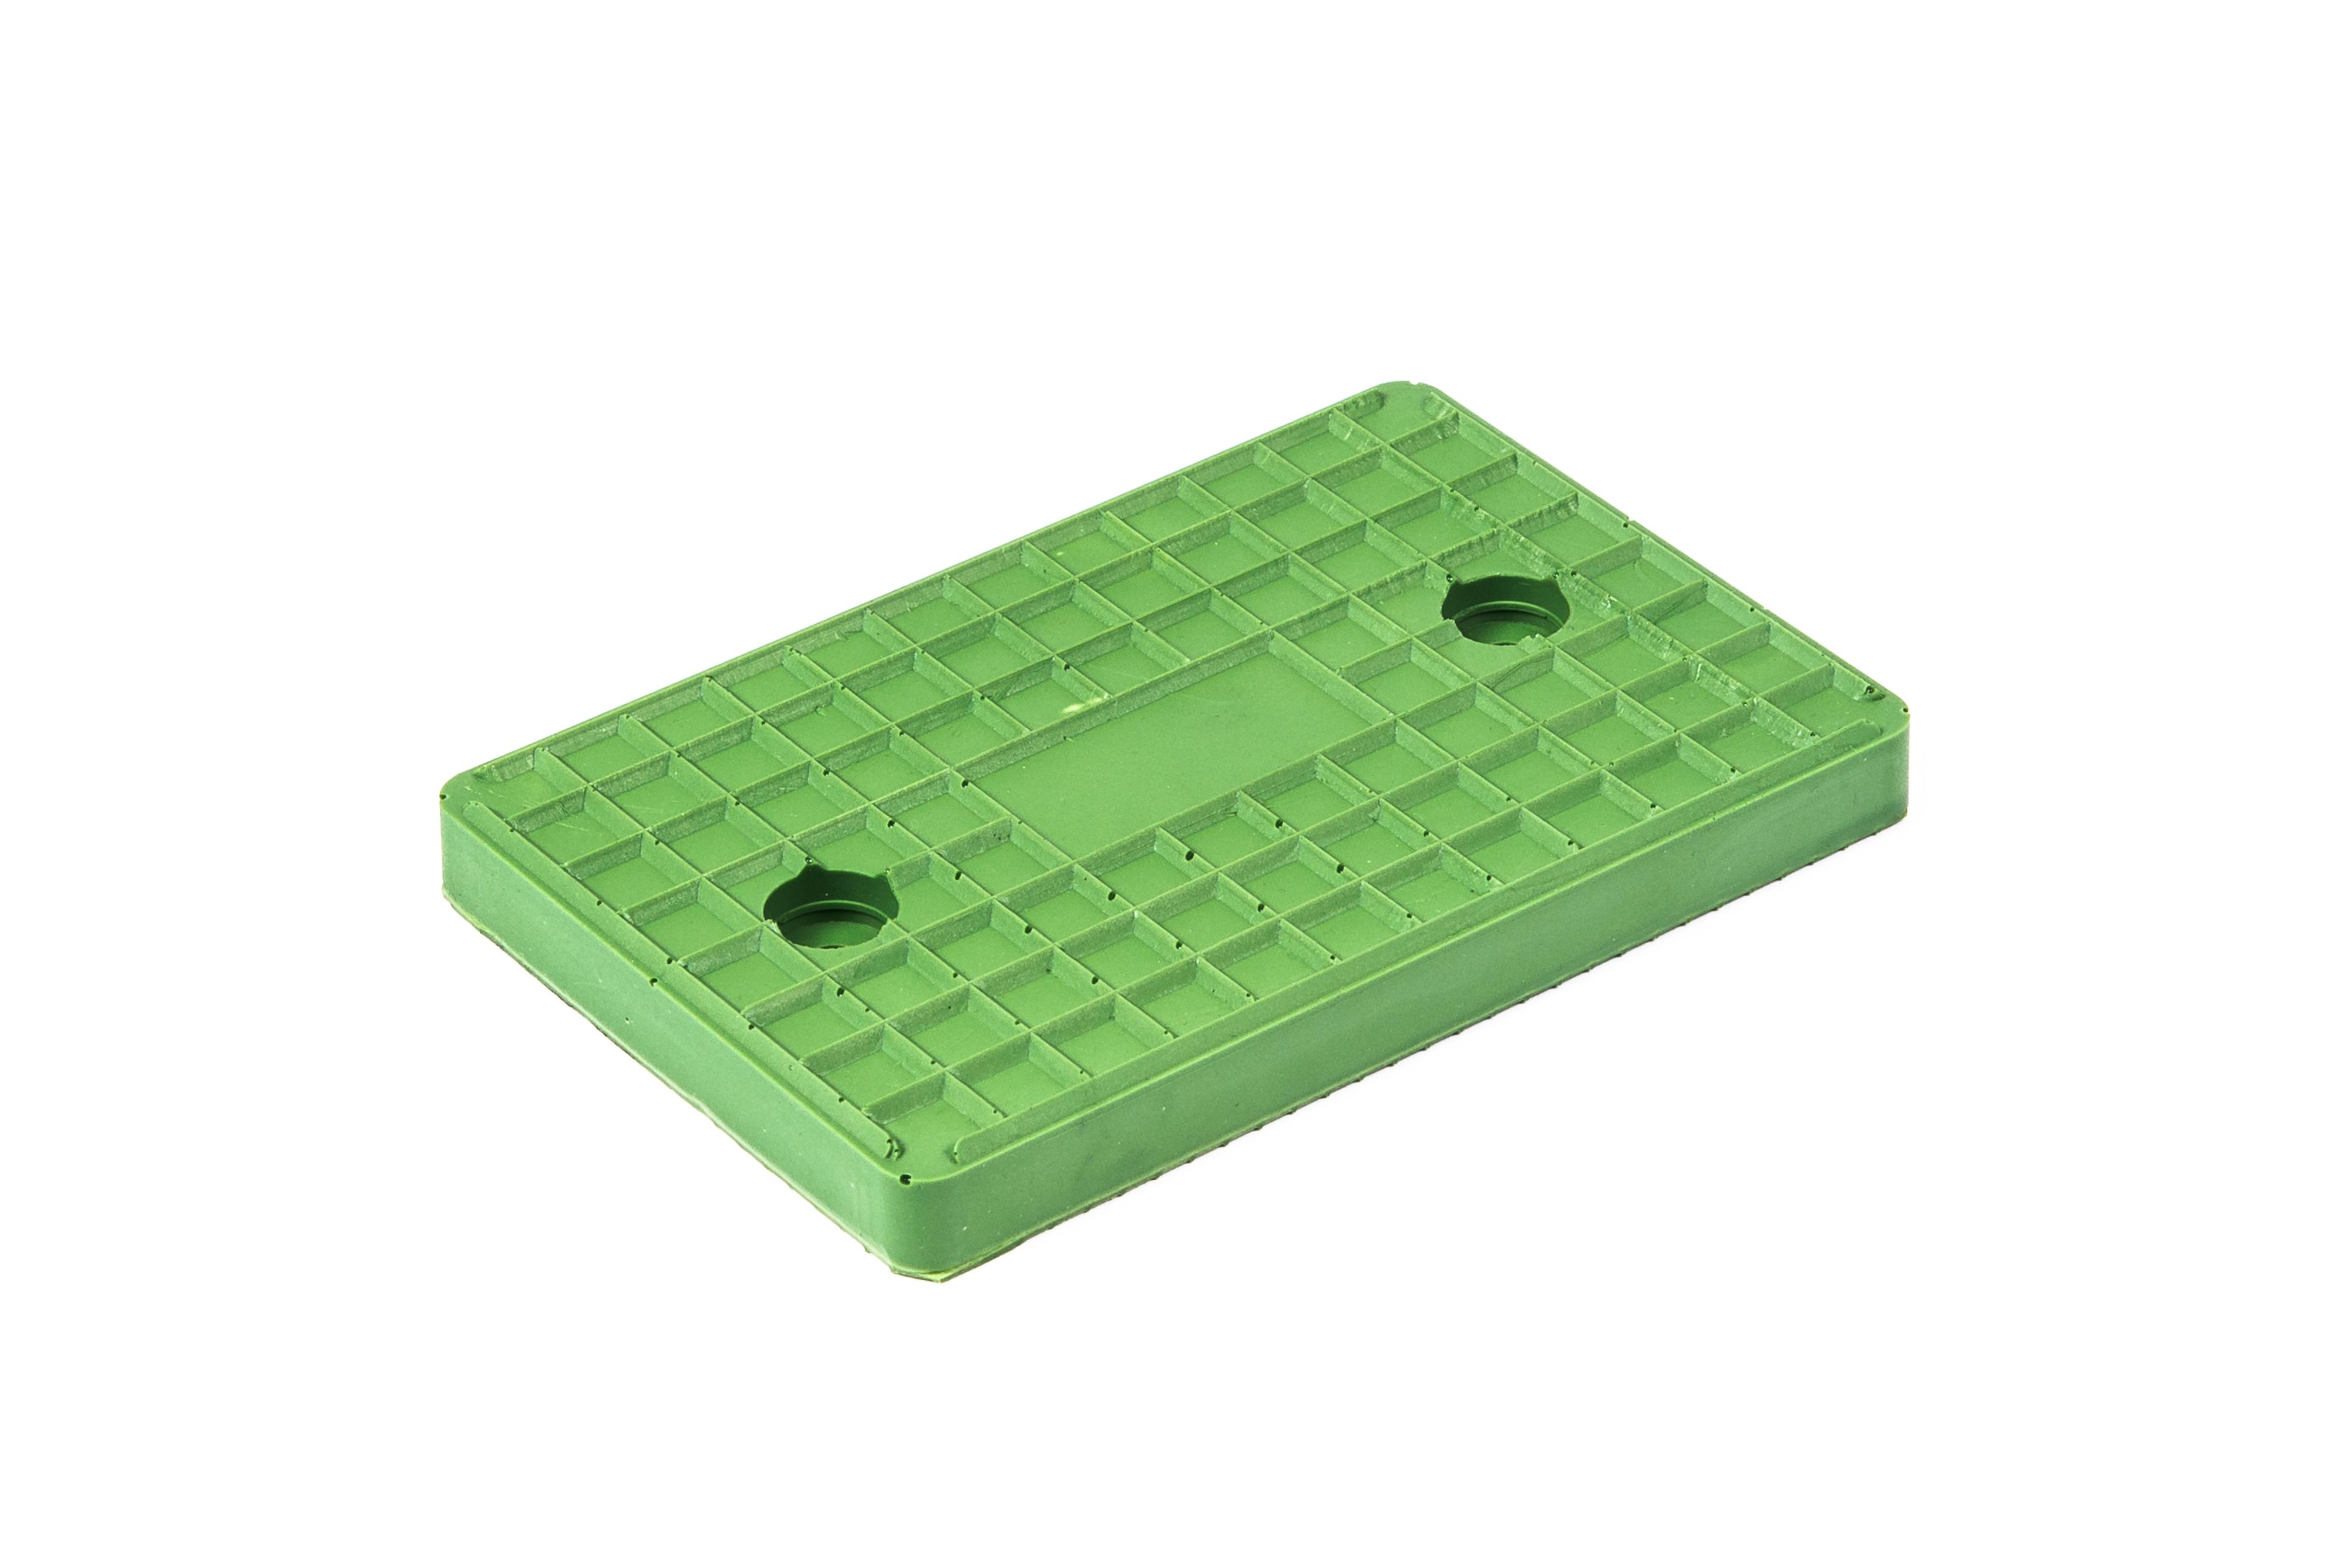 MT 150x100 Liftpad Greenline